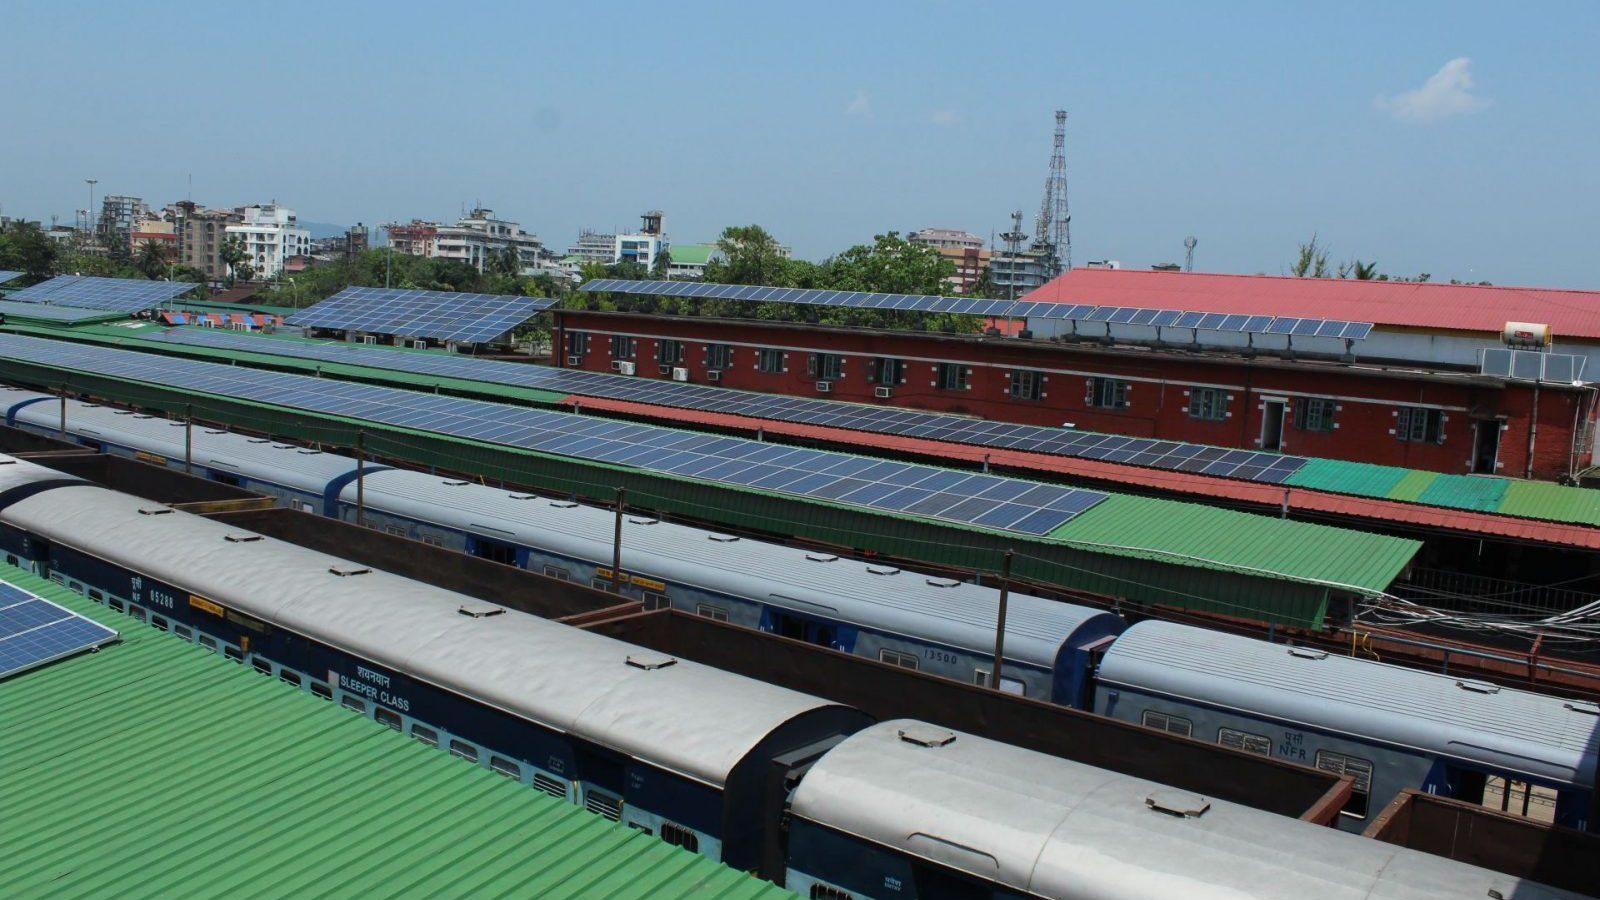 Imagini pentru assam train station solar